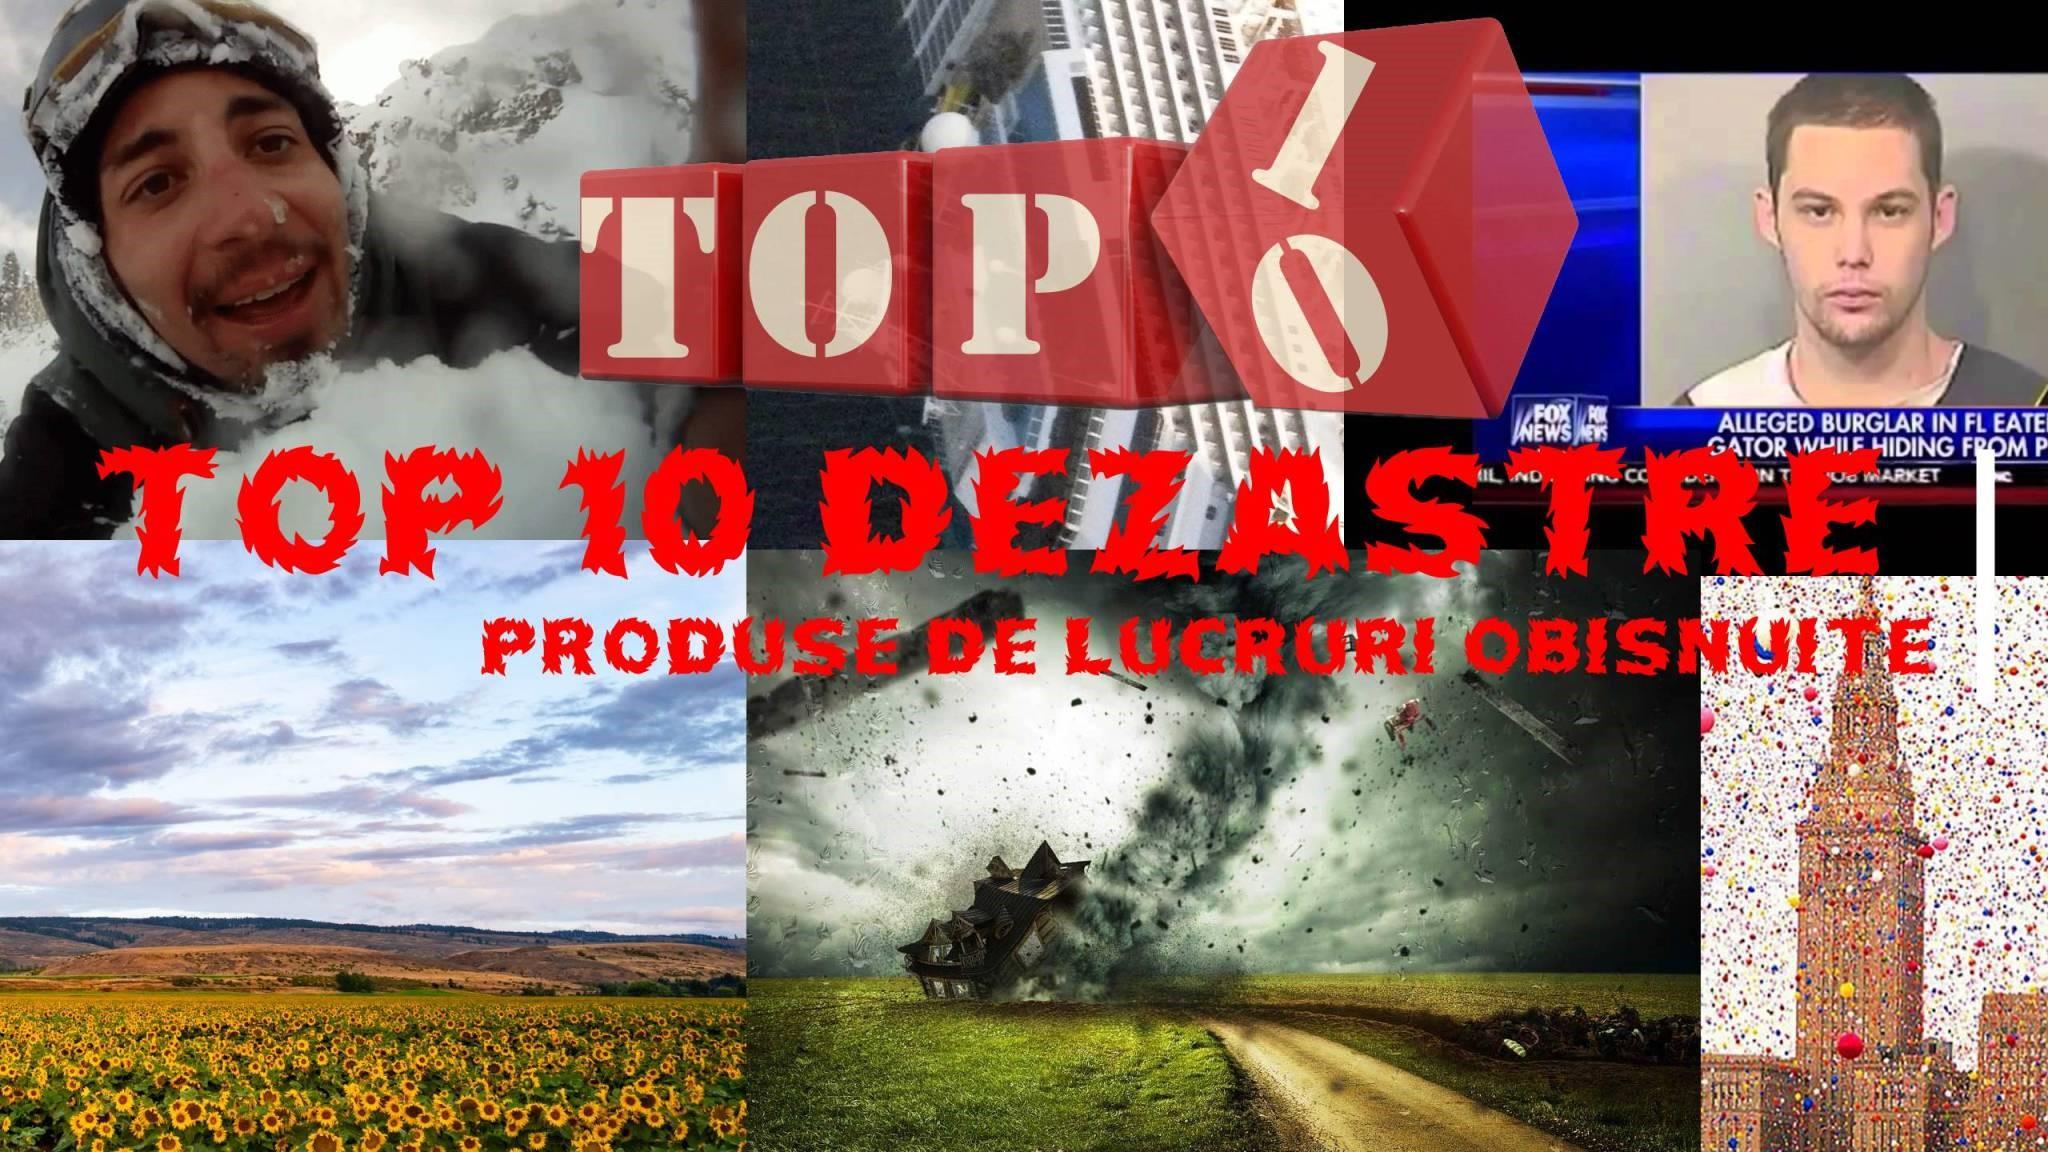 Top 10 Dezastre produse de lucruri obisnuite